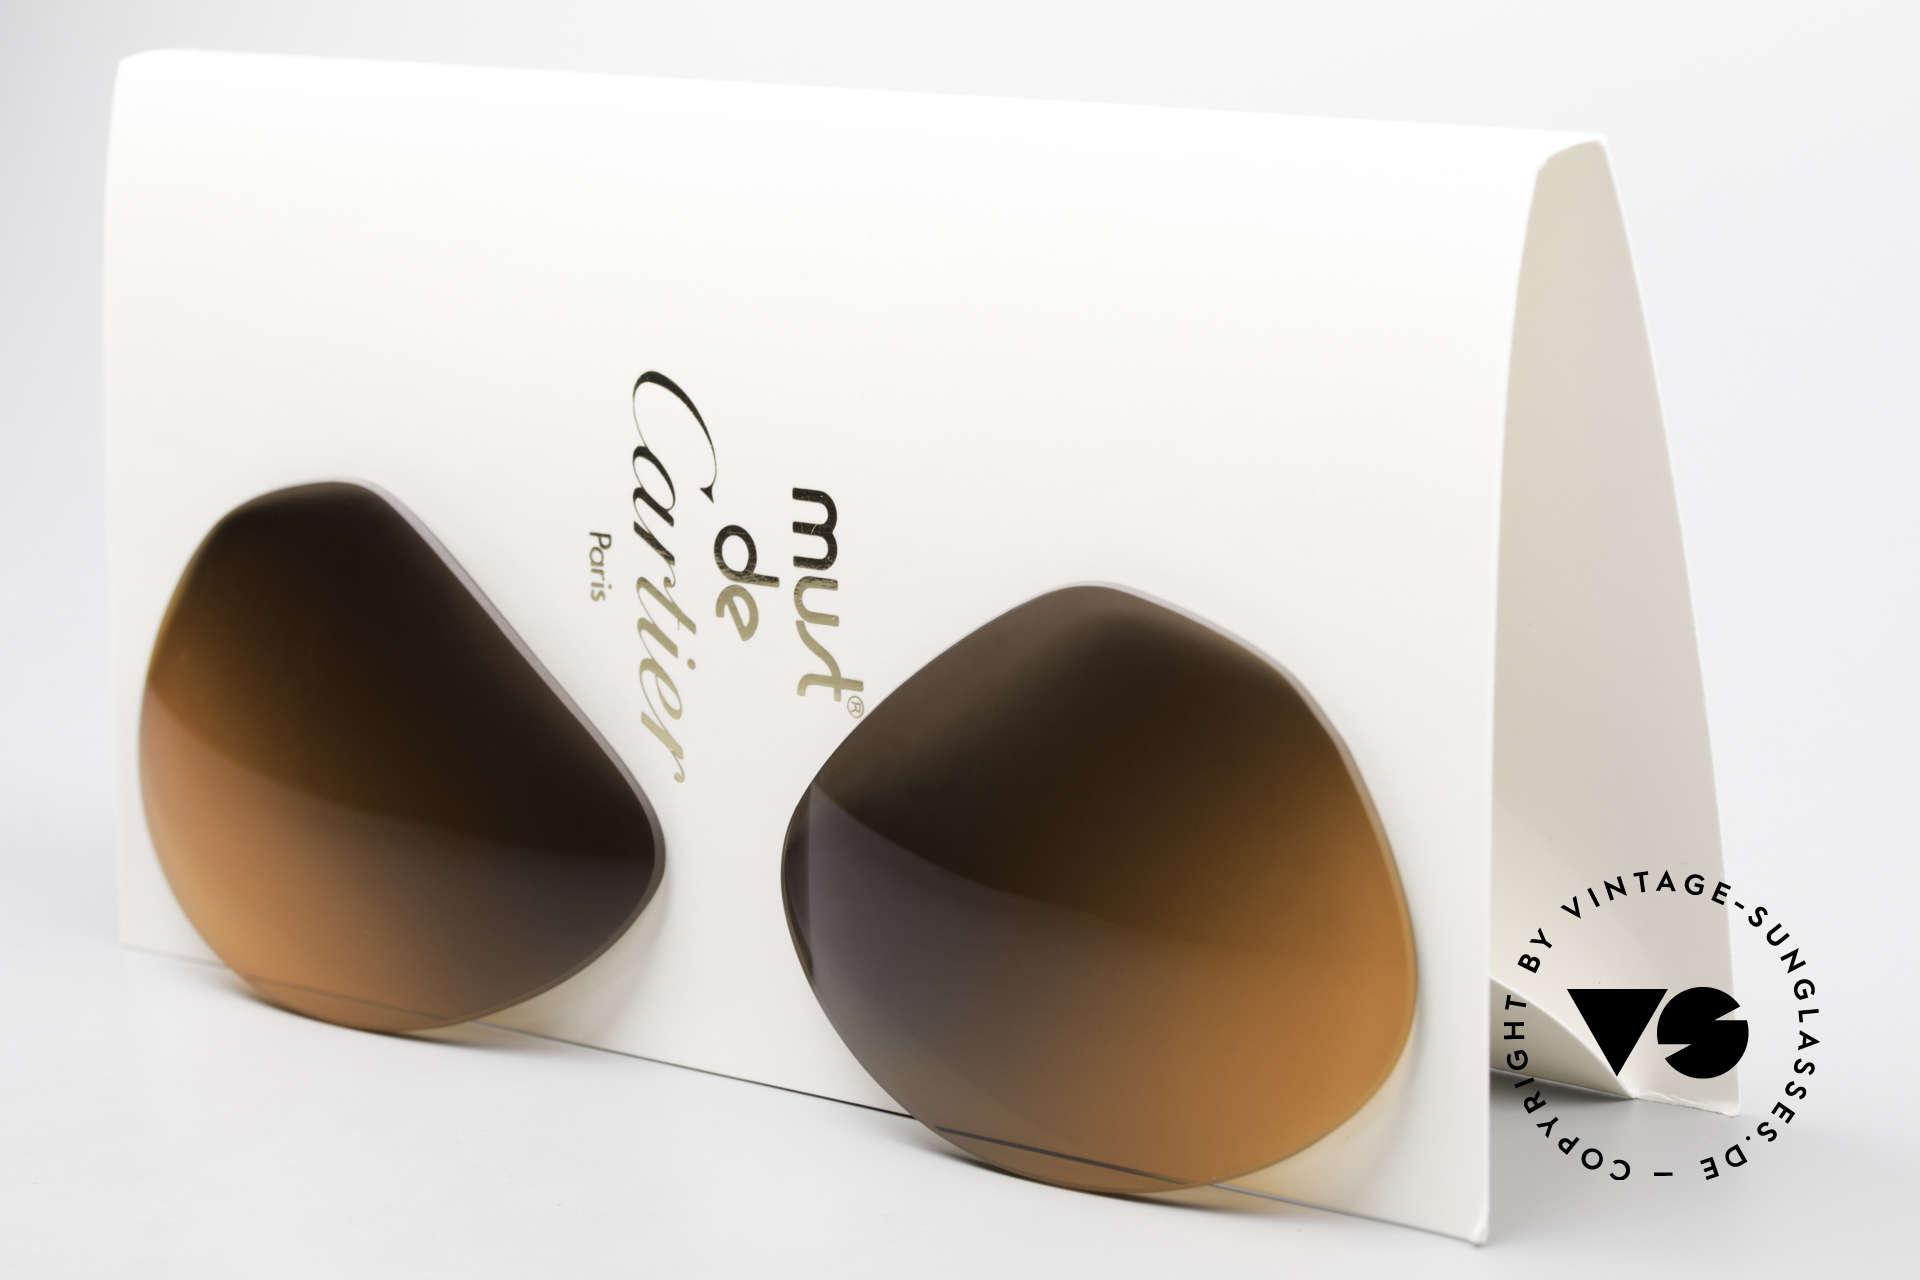 Cartier Vendome Lenses - L Double Gradient Desert Storm, new CR39 UV400 plastic lenses (for 100% UV protection), Made for Men and Women